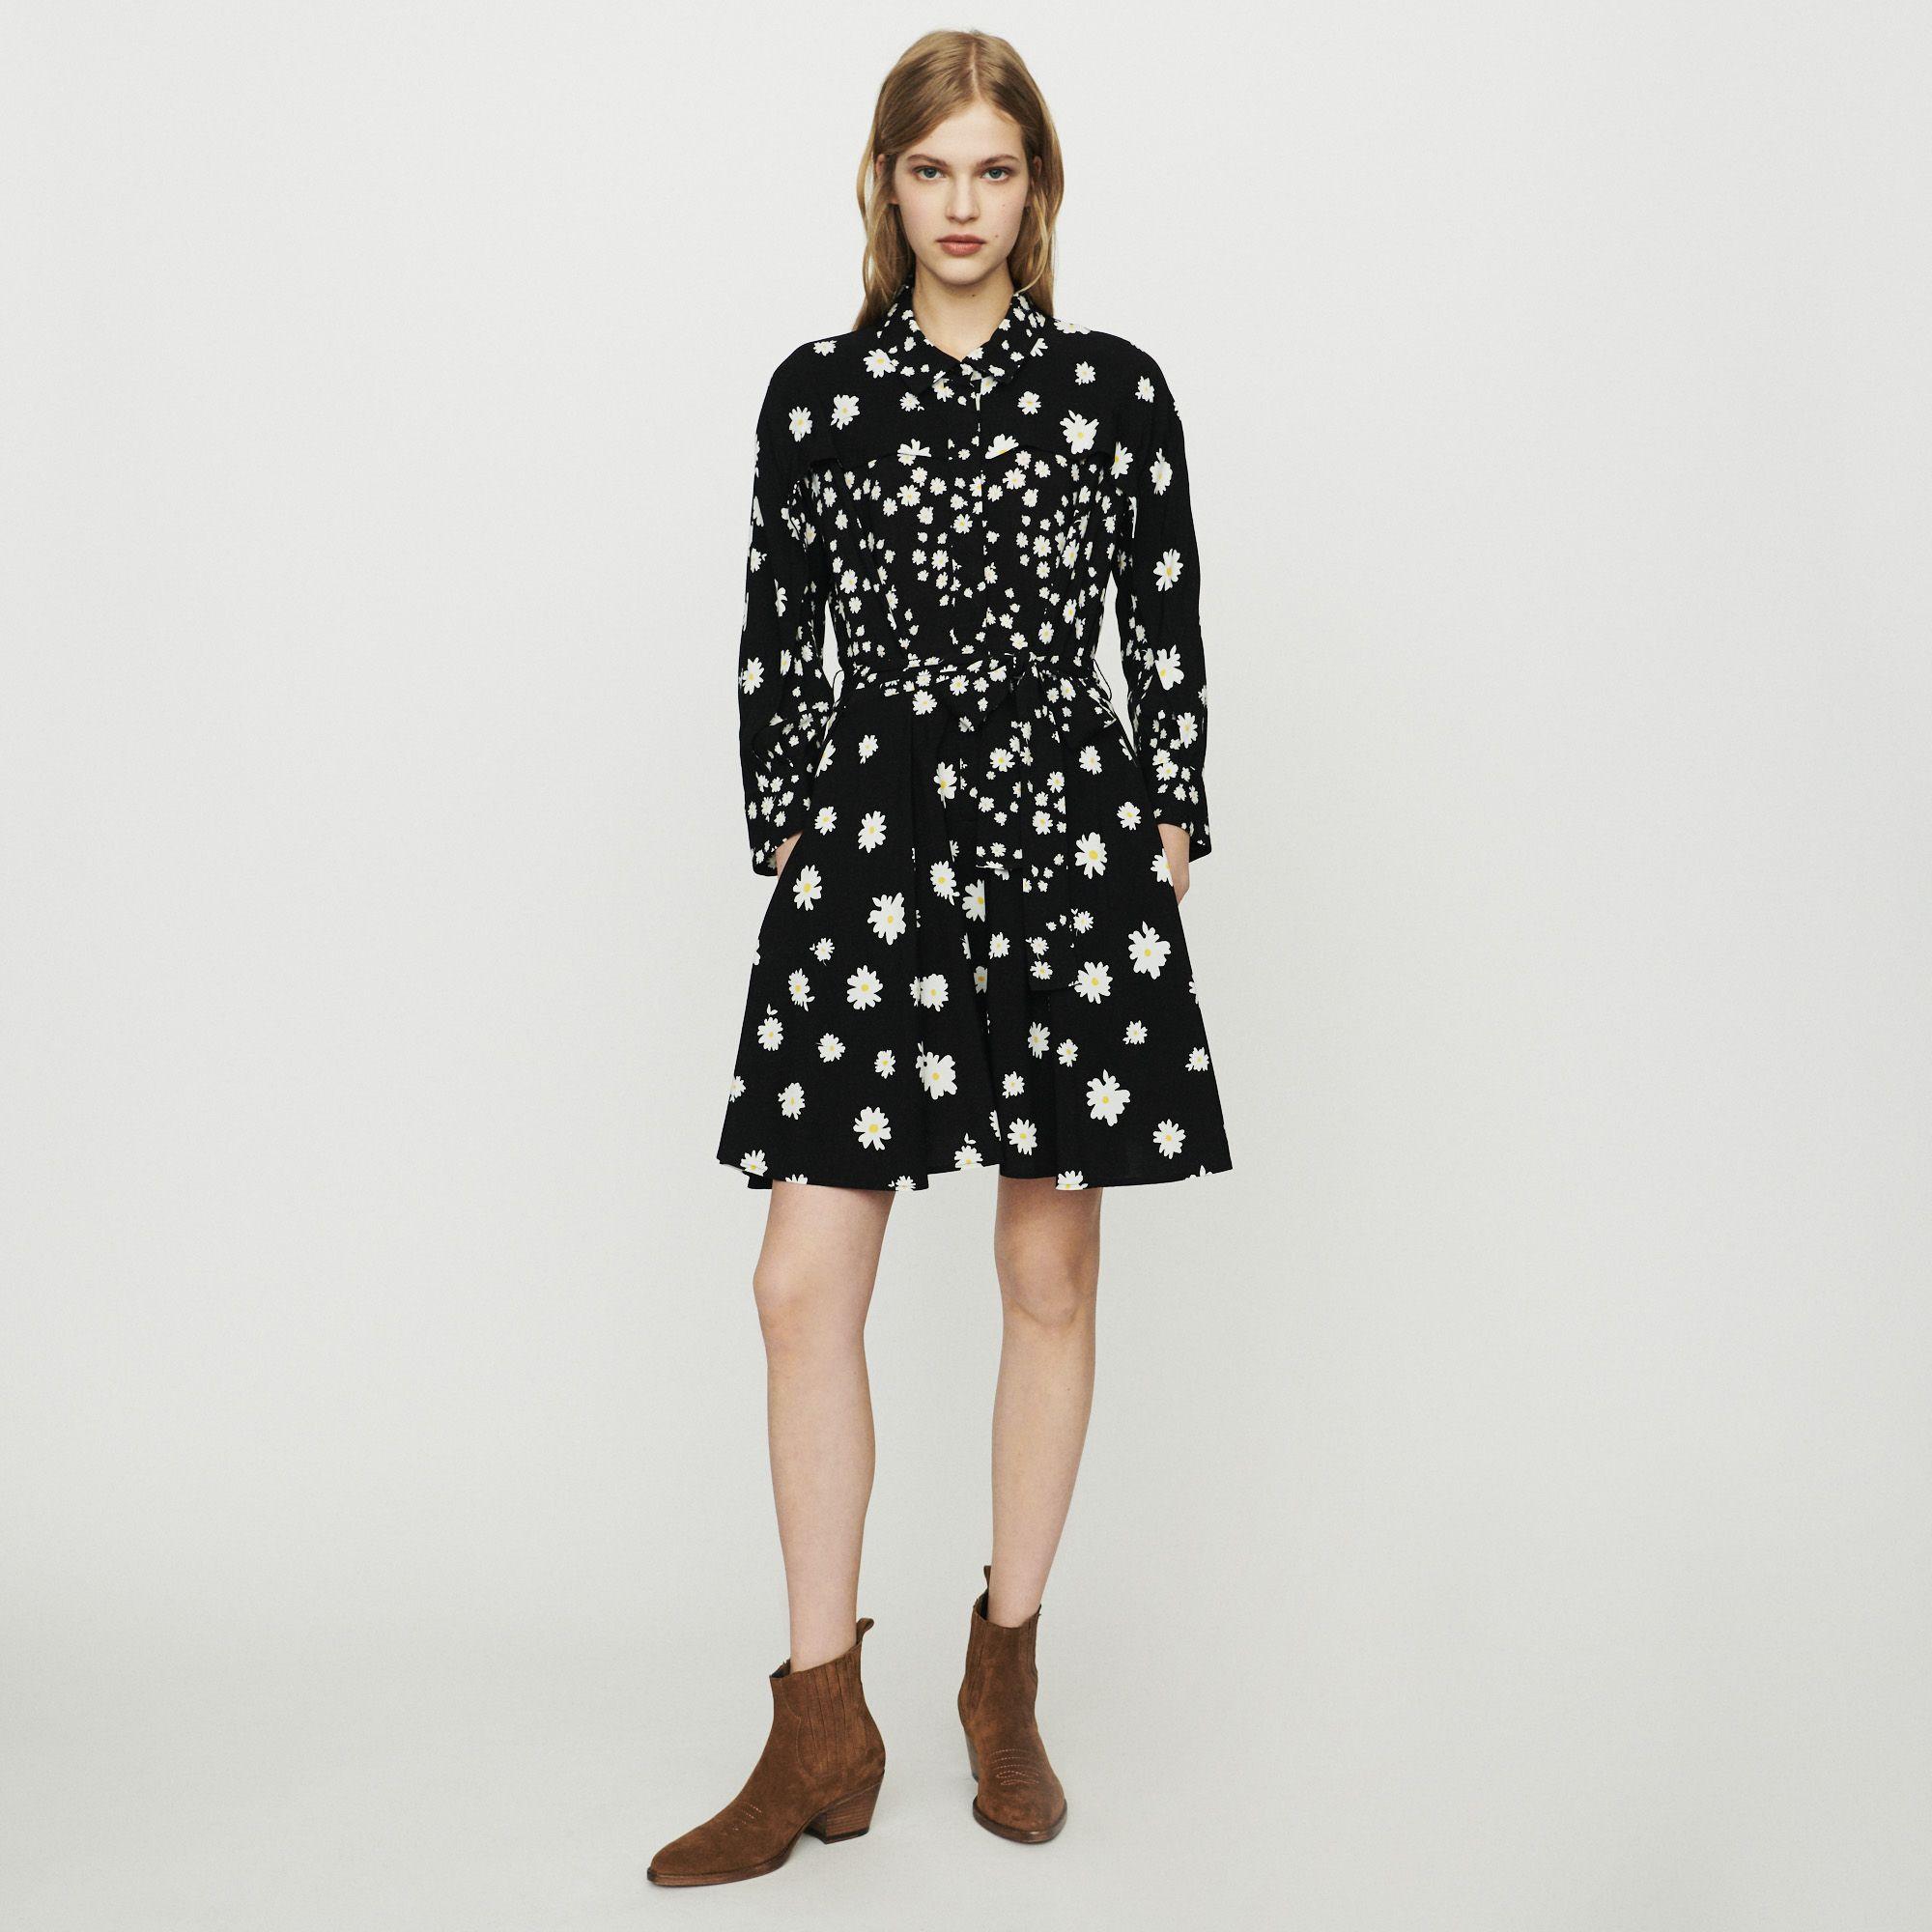 bc25cc3789 RAFI Dress with mixed daisy print - Dresses - Maje.com